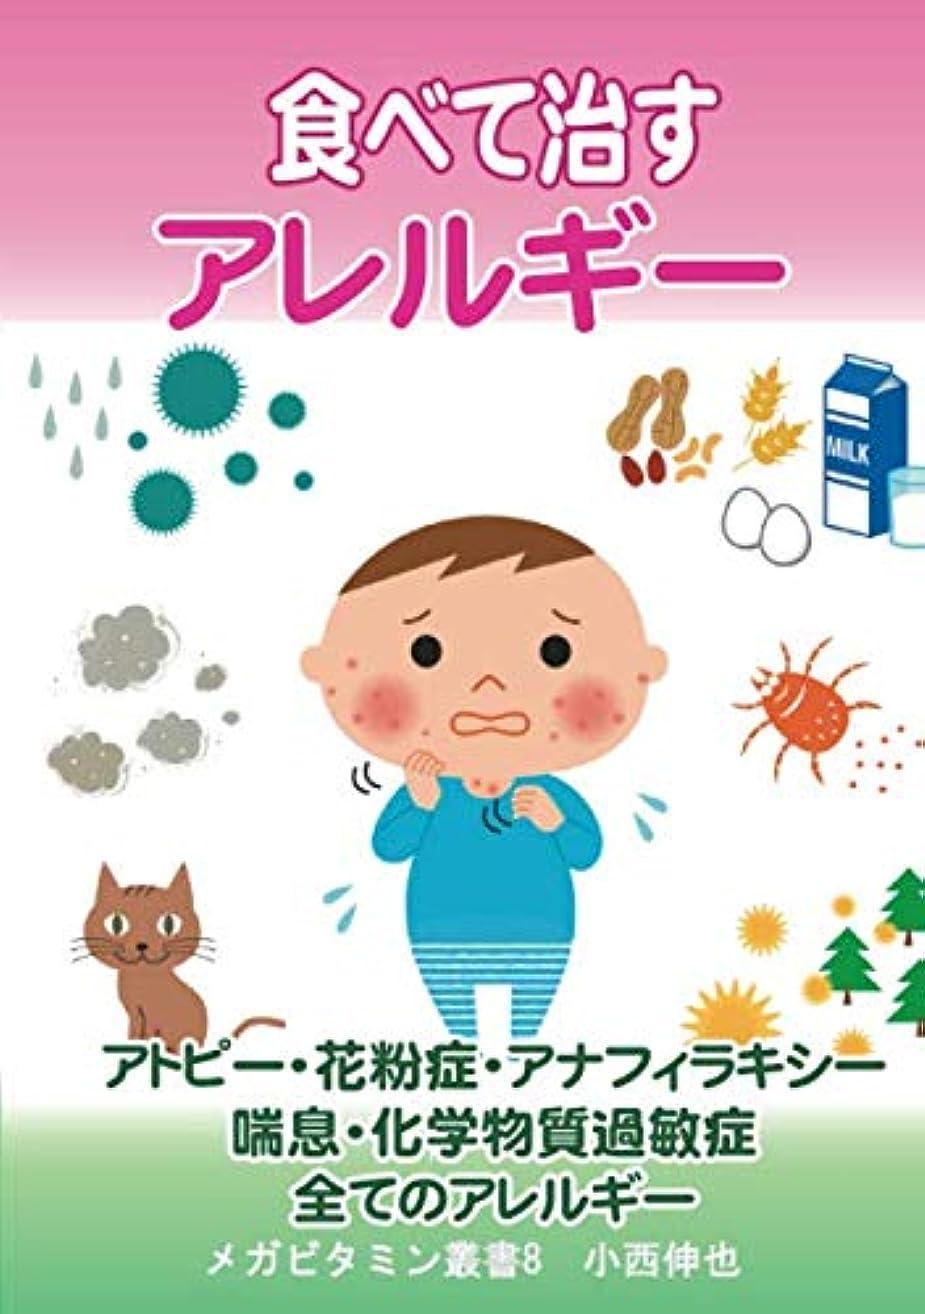 く解読するピニオン食べて治すアレルギー アトピー?花粉症?アナフィラキシー 喘息?化学物質過敏症?全てのアレルギー